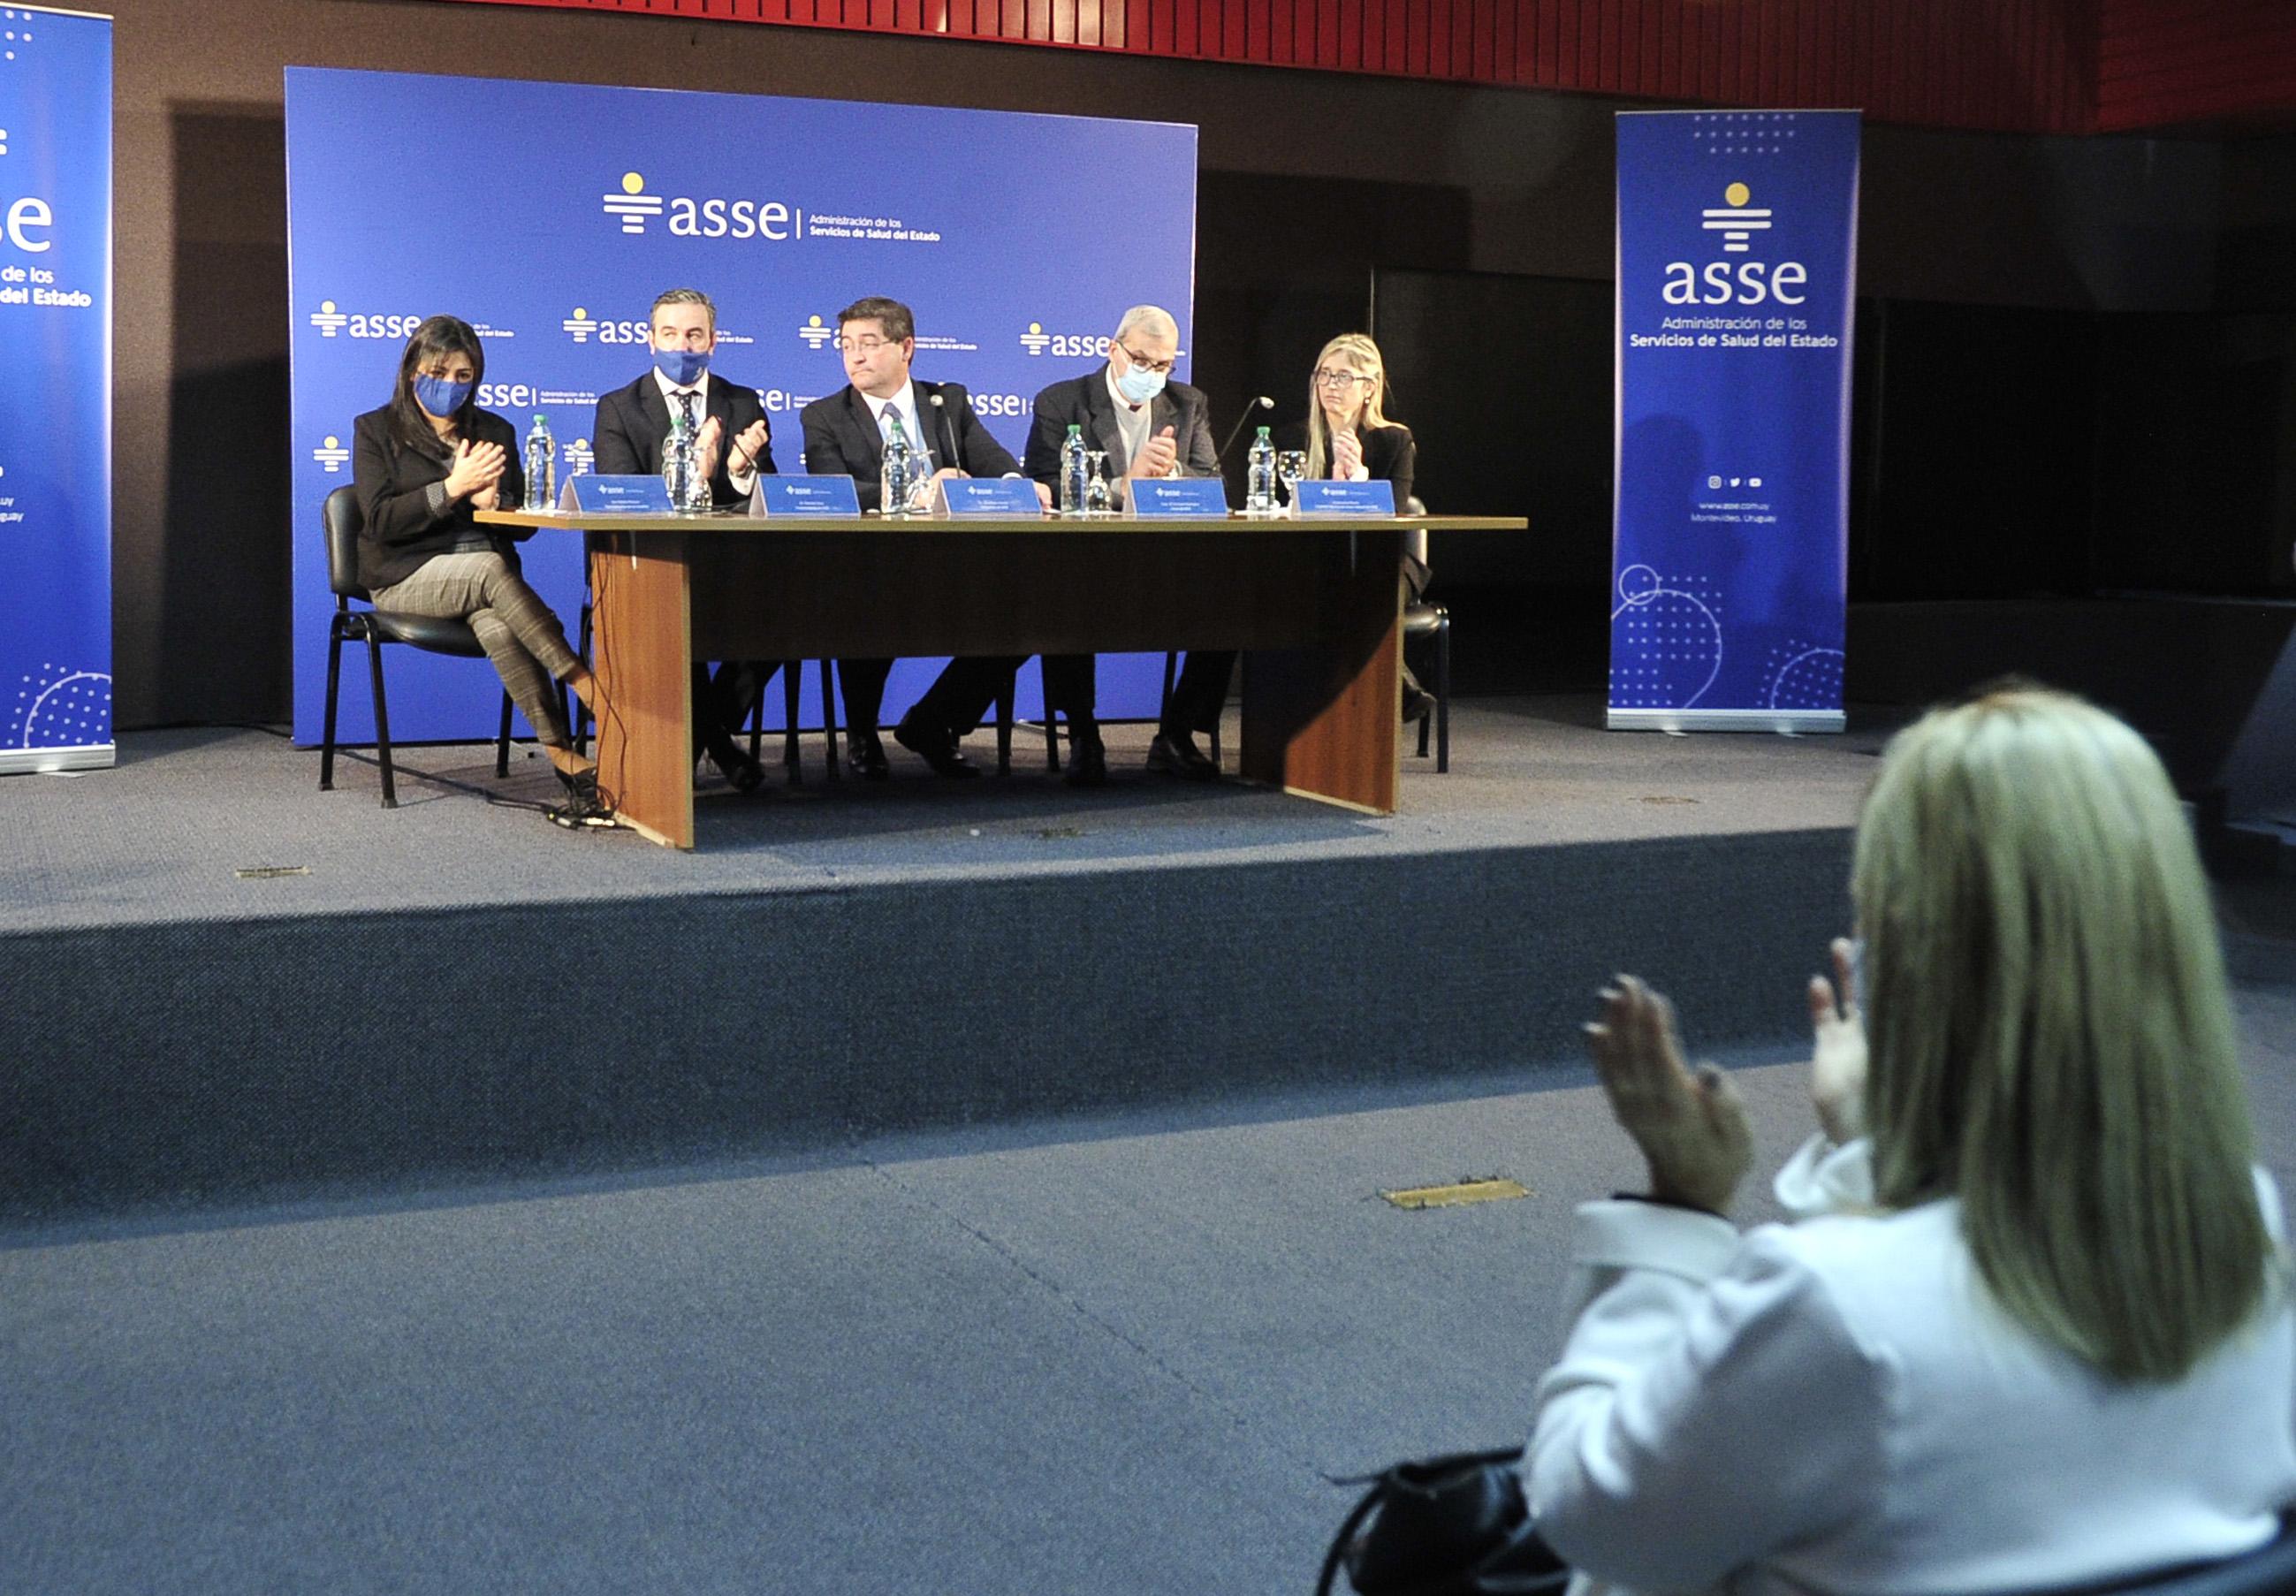 ASSE presentó nuevo protocolo de actuación ante situaciones de acoso laboral